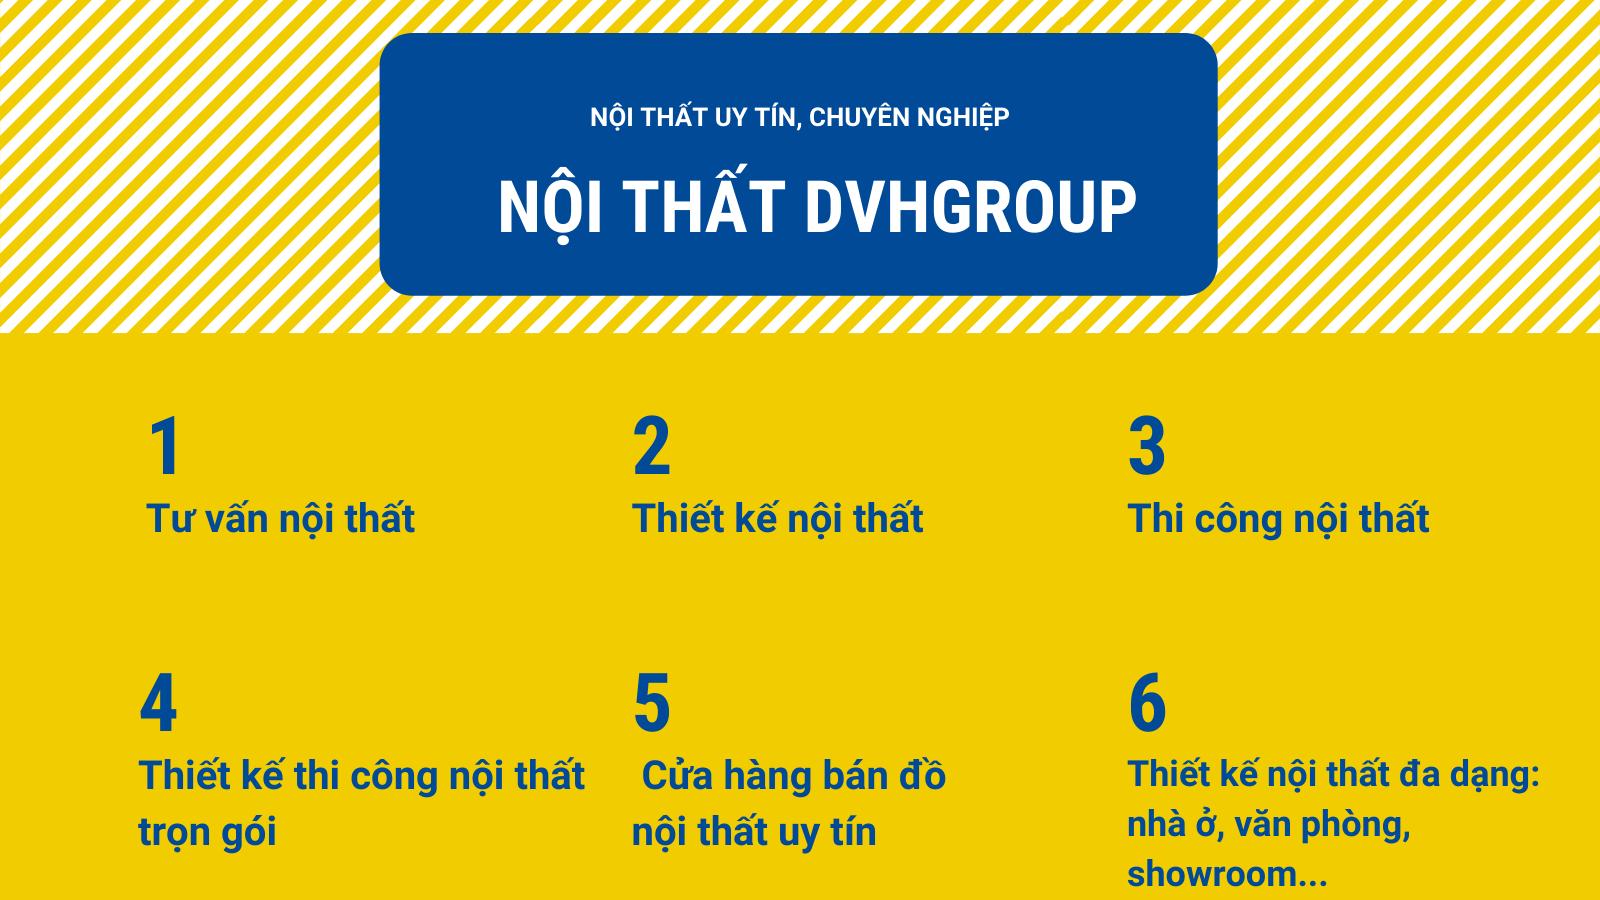 DVHGroup Công ty Nội Thất Việt Nam